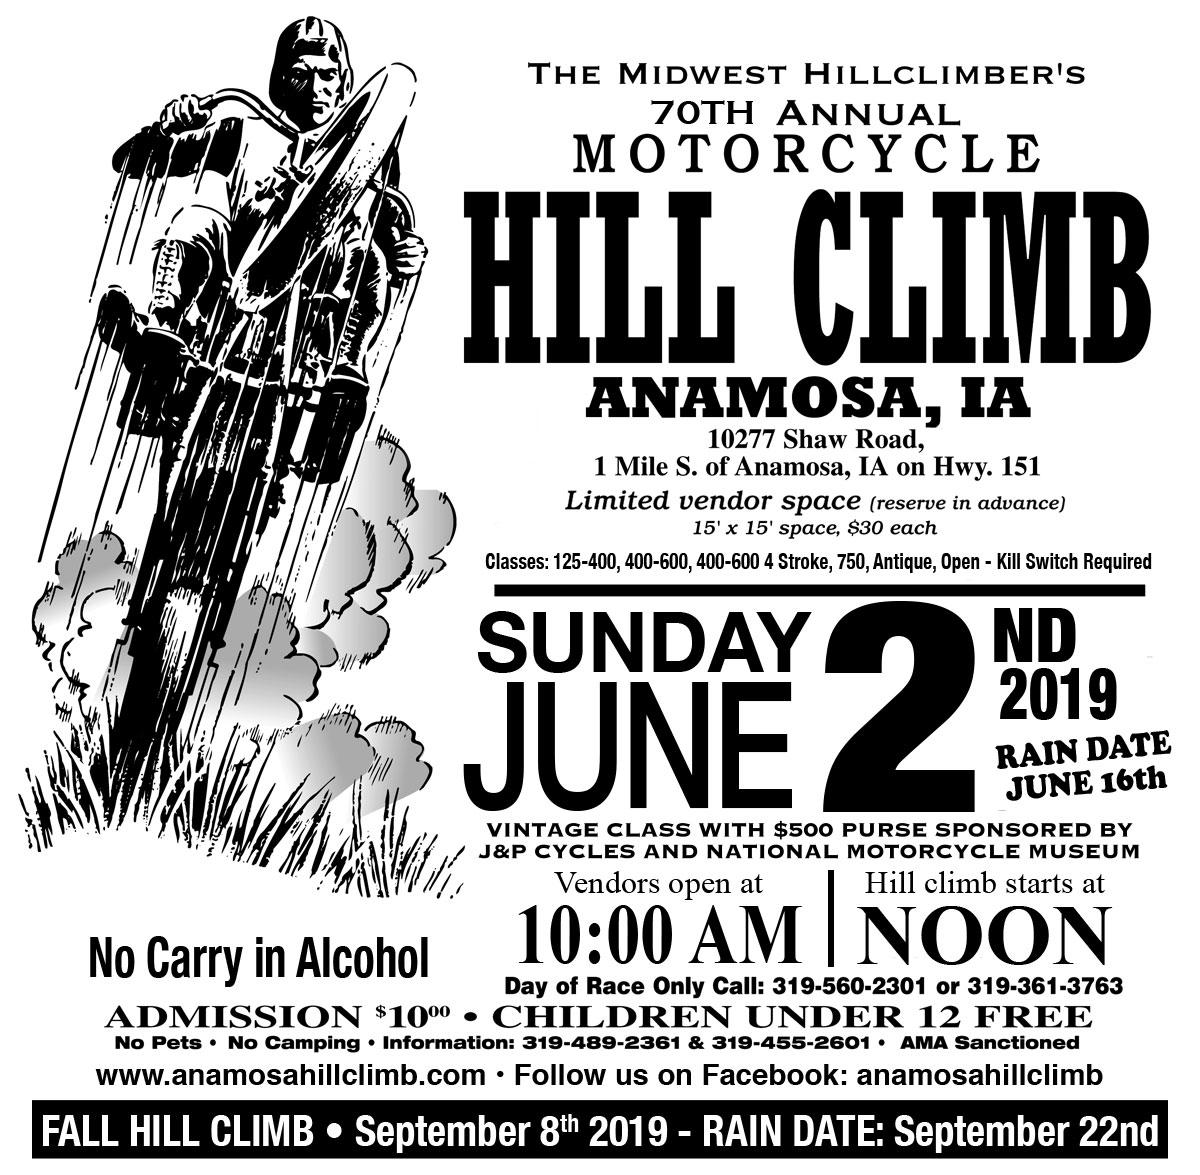 anamosa-hillclimb-june-2nd